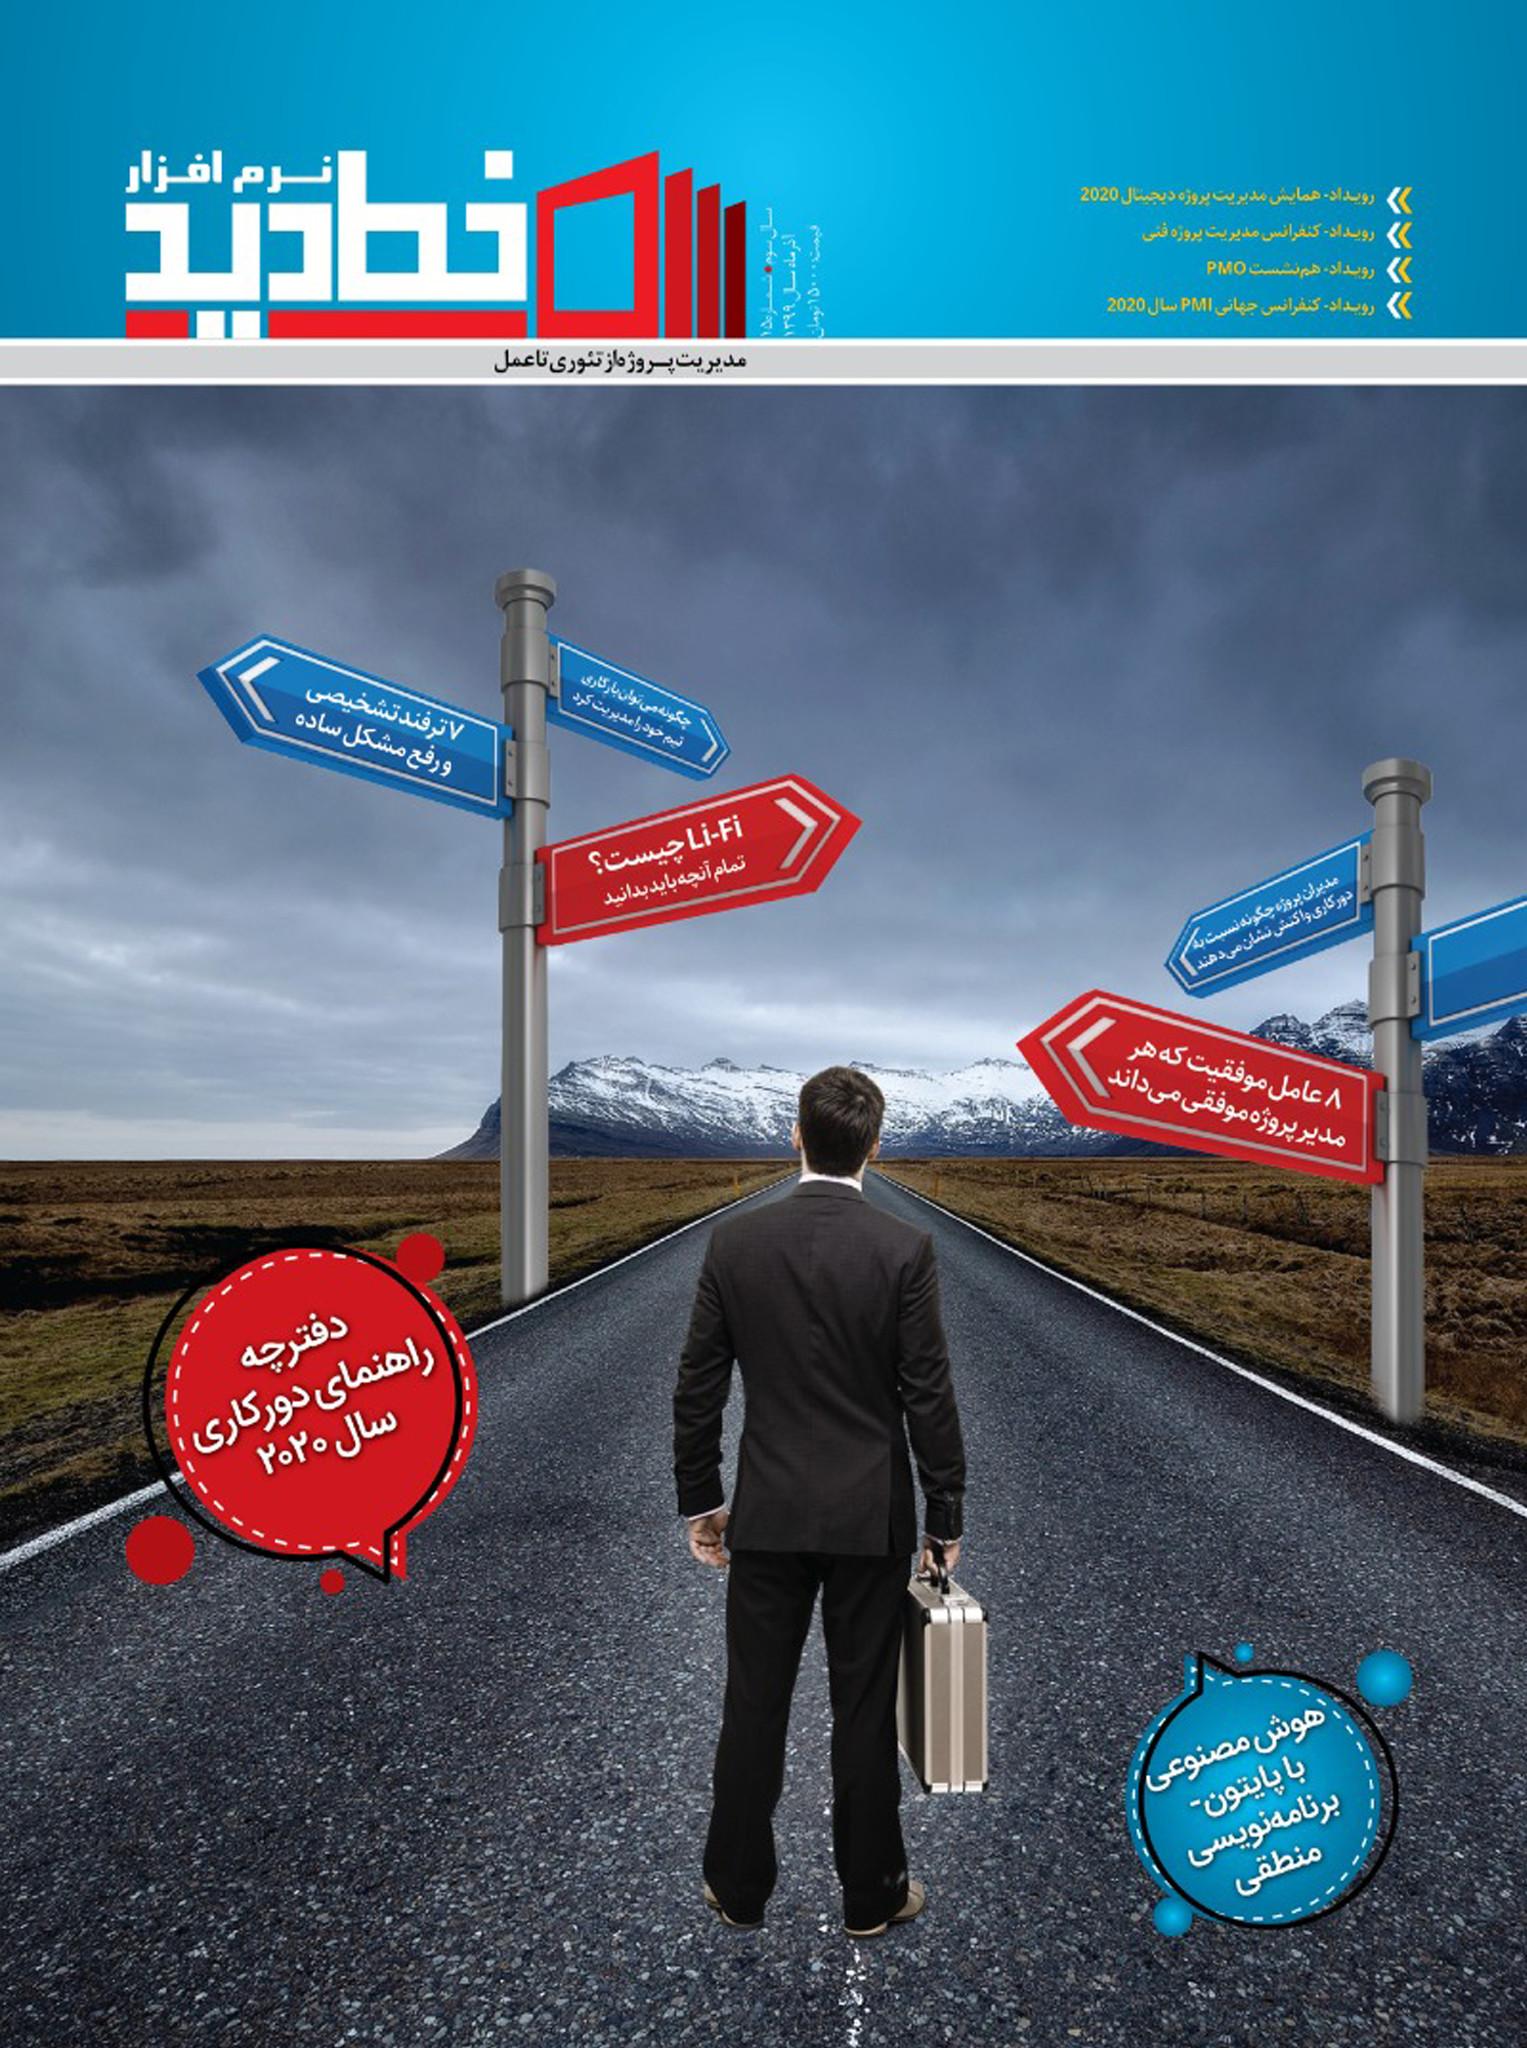 مجله خط دید - شماره ۱۵ آذر ۱۳۹۹